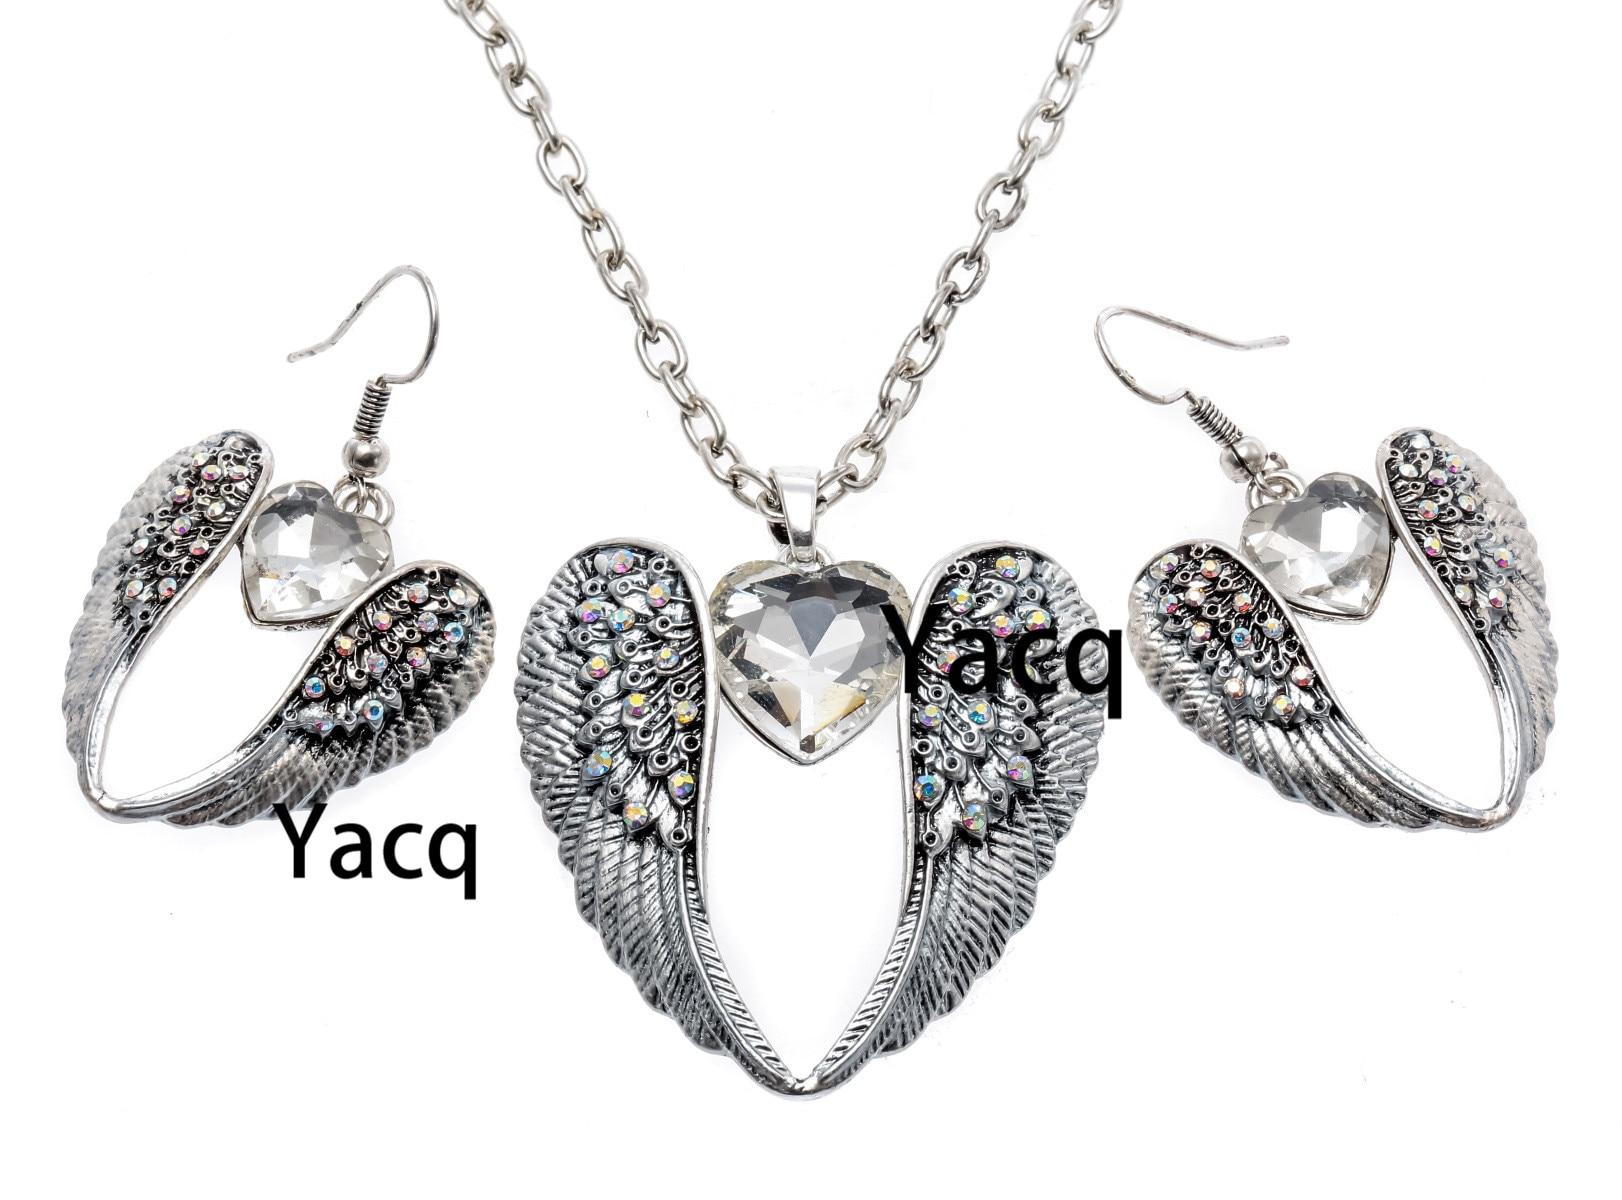 YACQ Крыло ангела-хрателя, ожерелье, серьги, наборы, античный Серебристый цвет, для женщин и девочек, кристаллические украшения, подарки, Пряма...